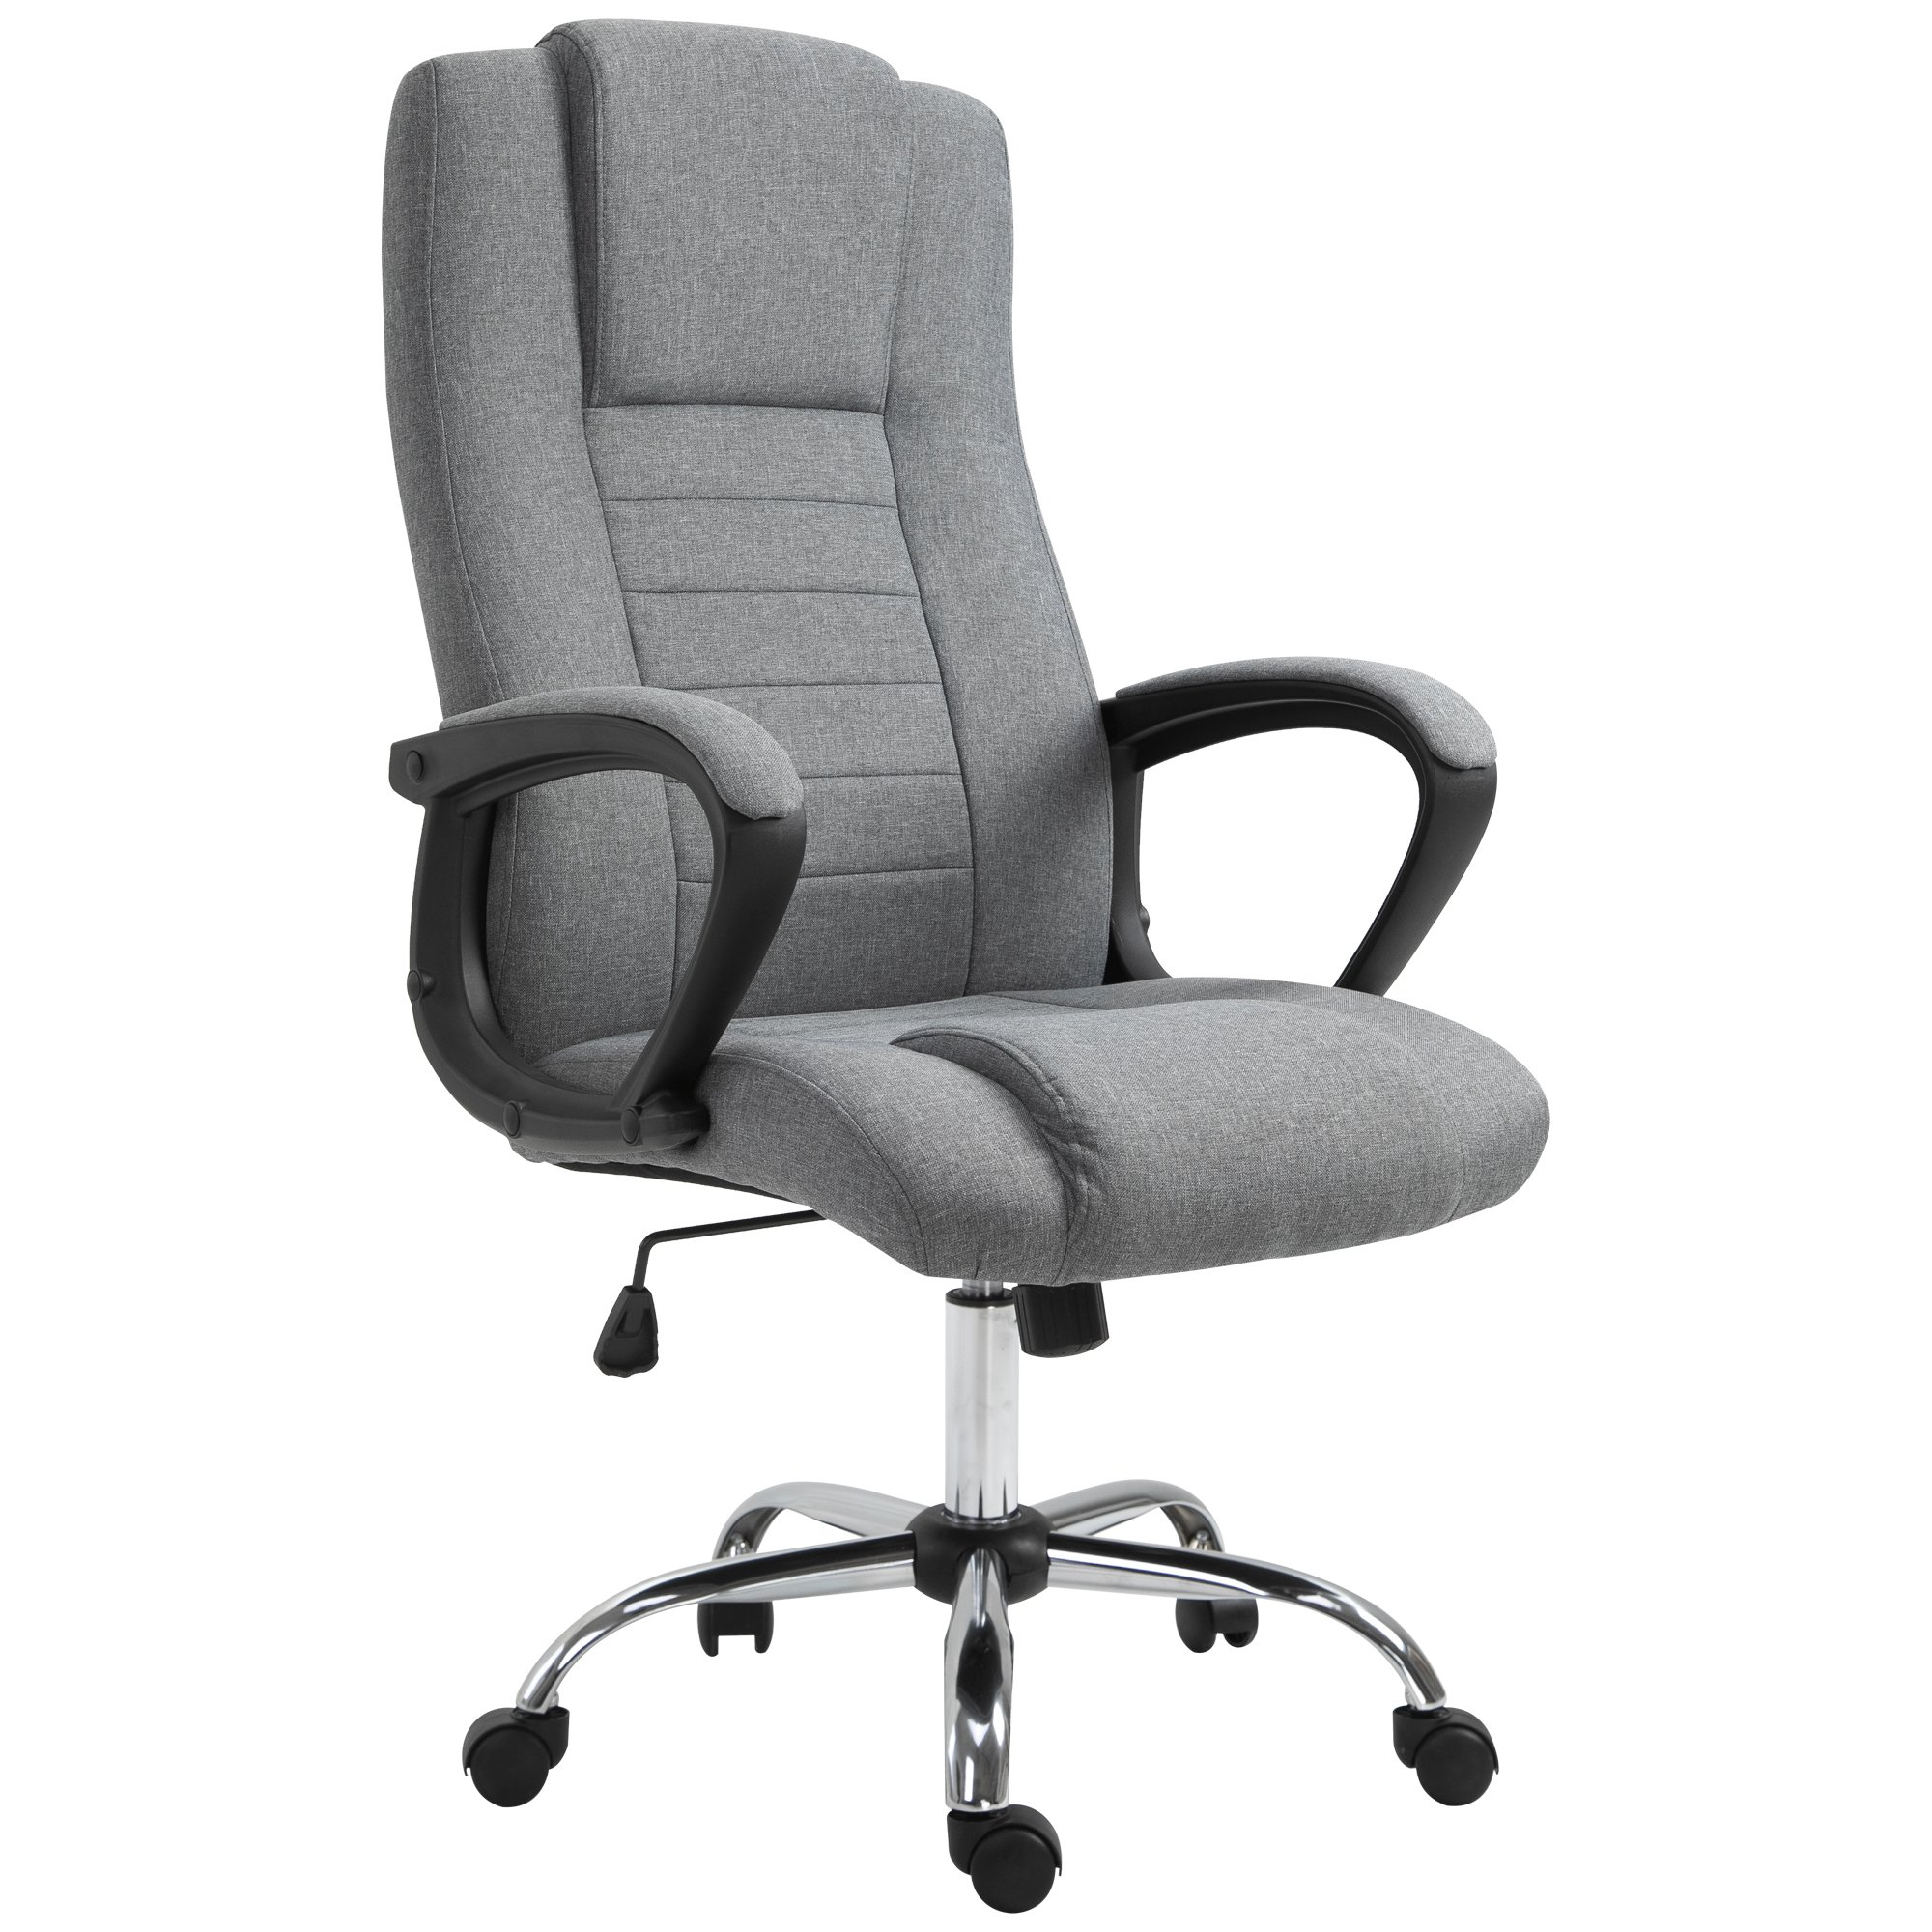 Vinsetto sedia ufficio Poltrona da Ufficio Ergonomica sedia scrivania con Altezza e Inclinazione Regolabi